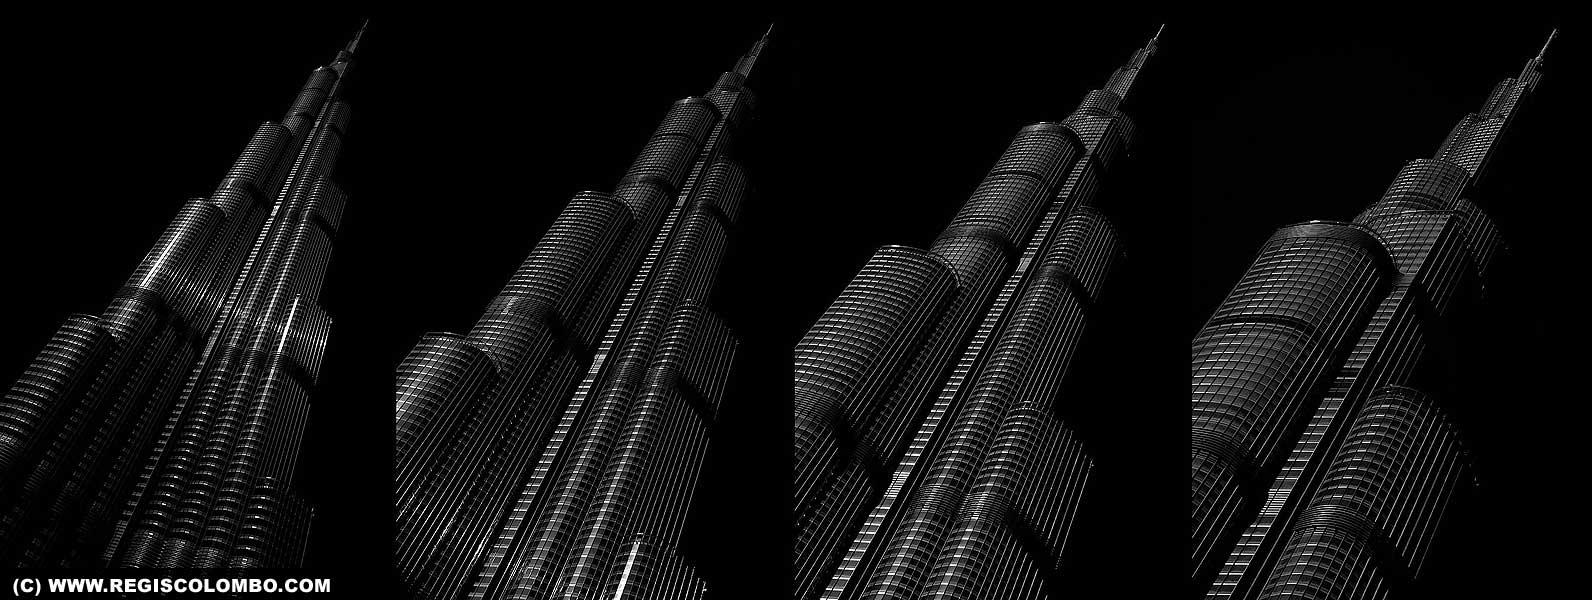 13039 - Burj Dubai Tower Khalifa